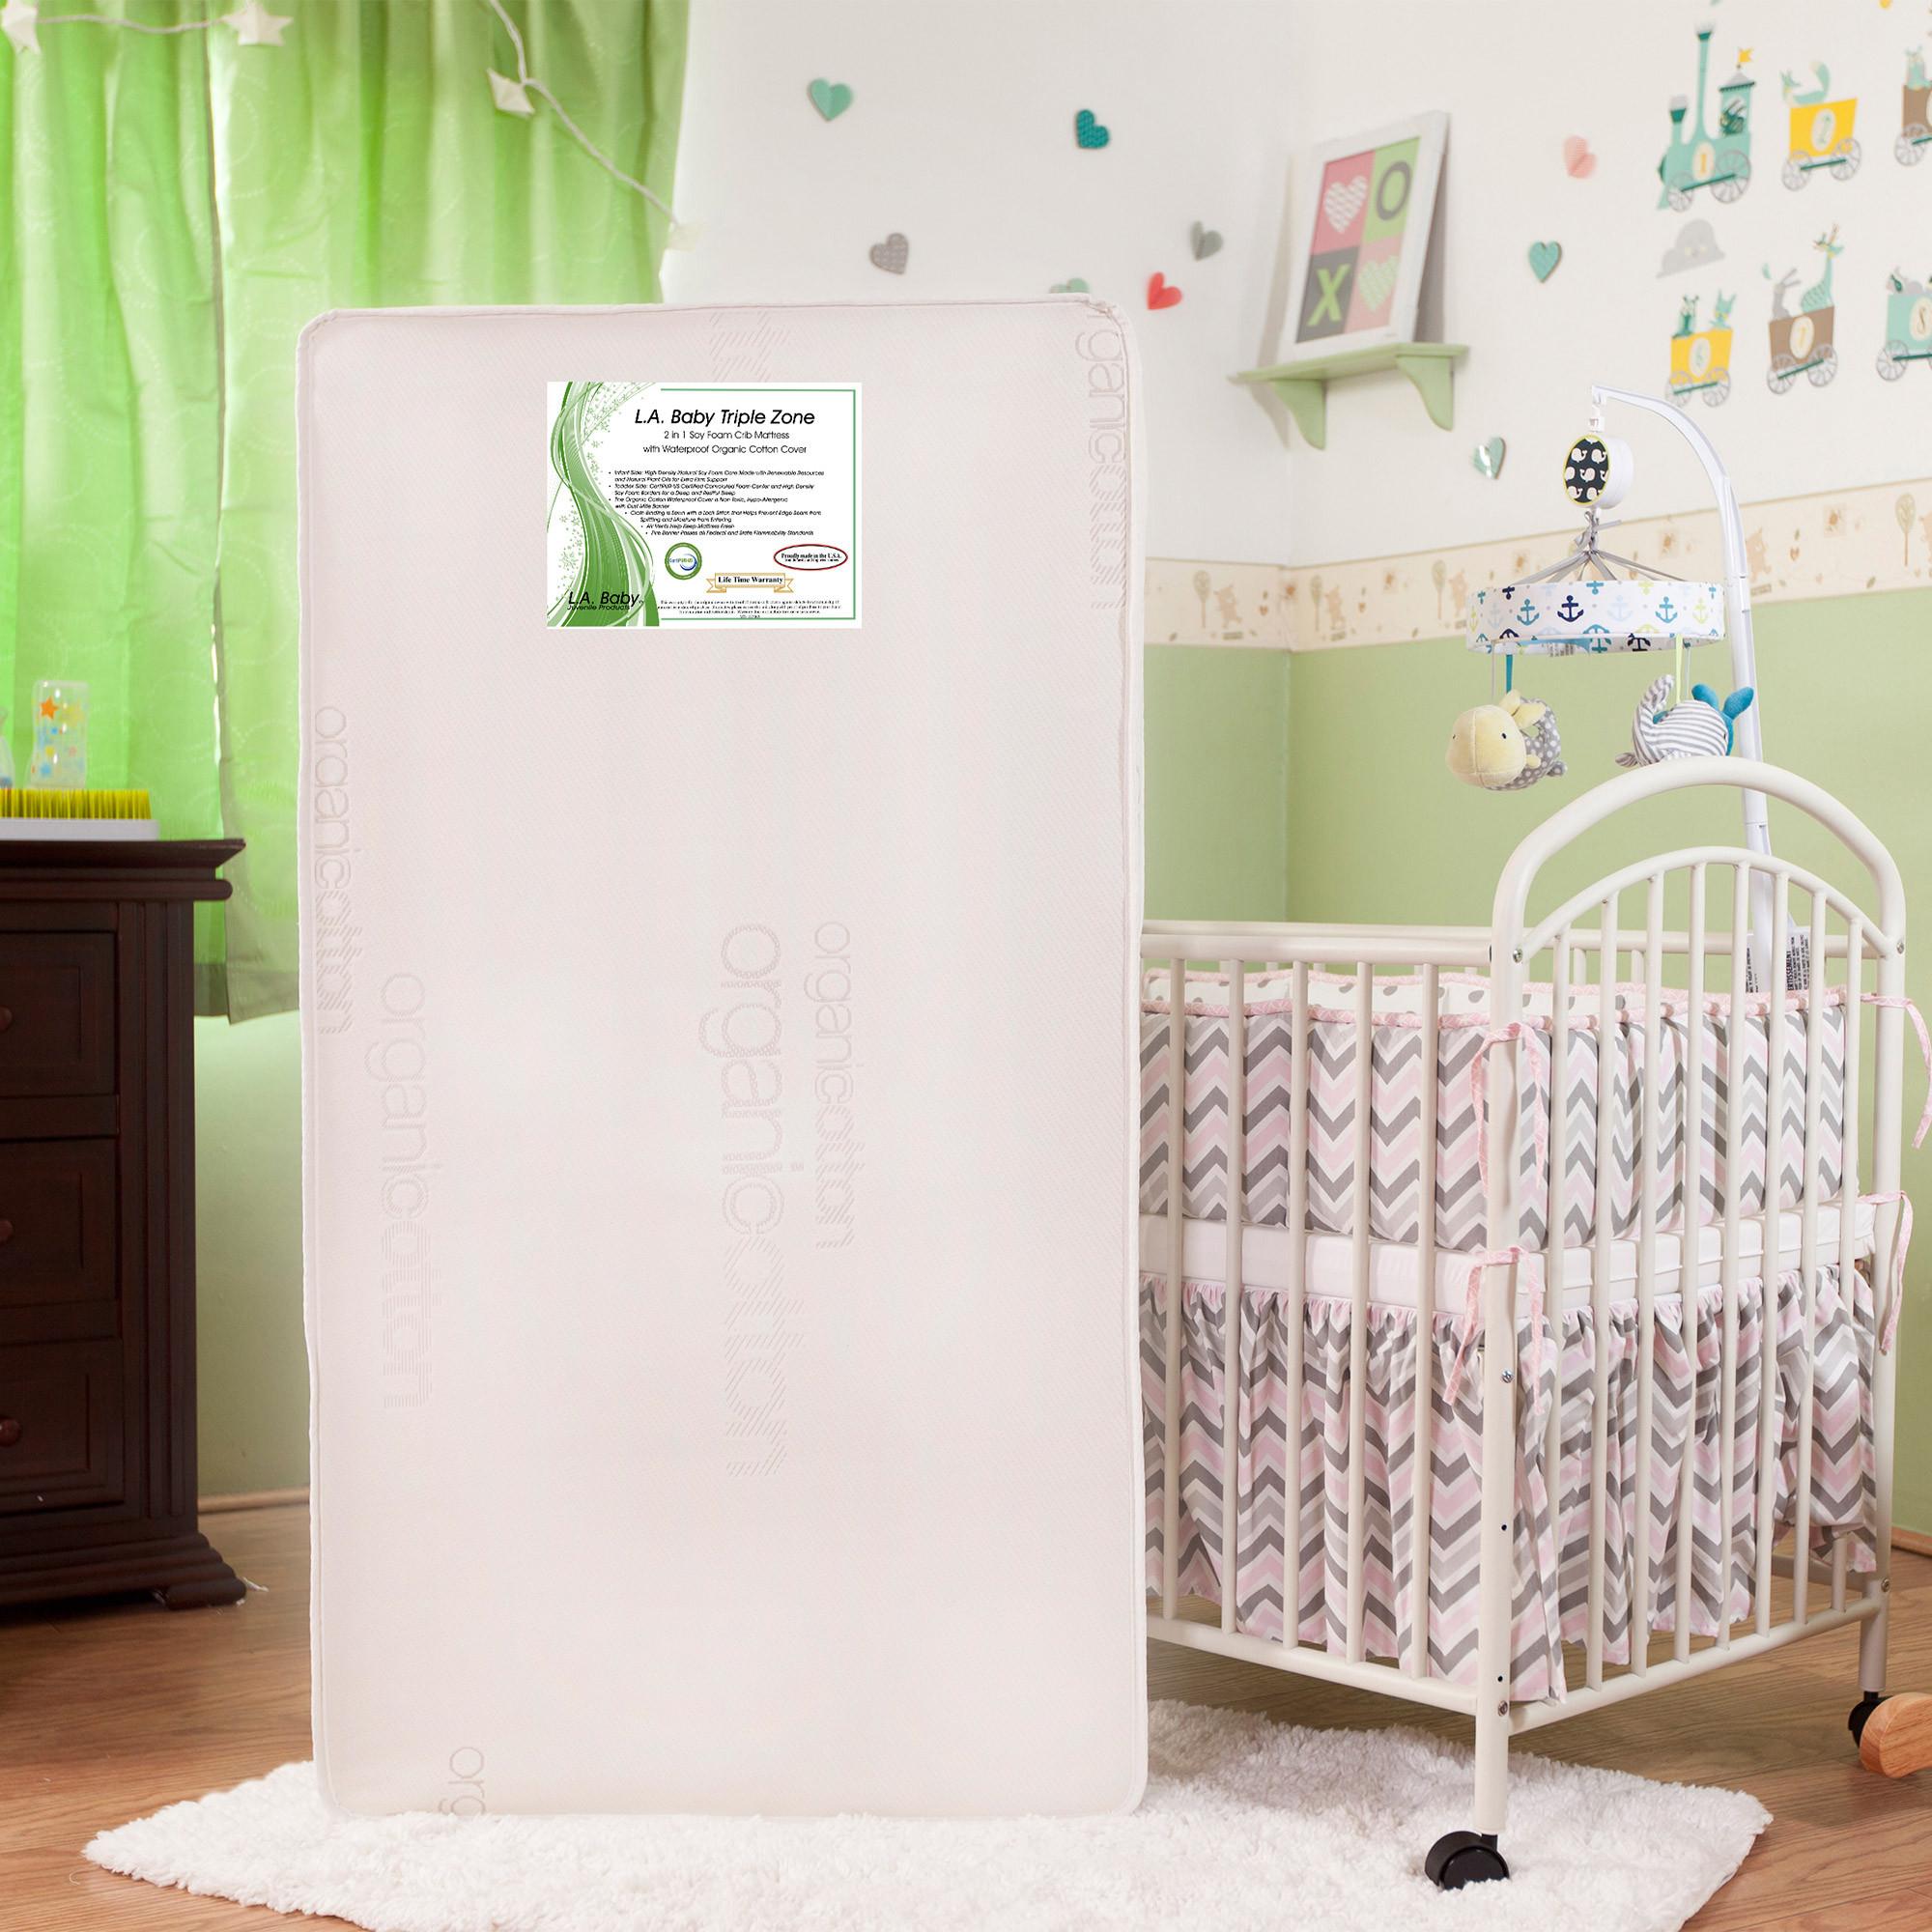 l.a. baby triple zone 2-in-1 soy foam crib mattress - walmart